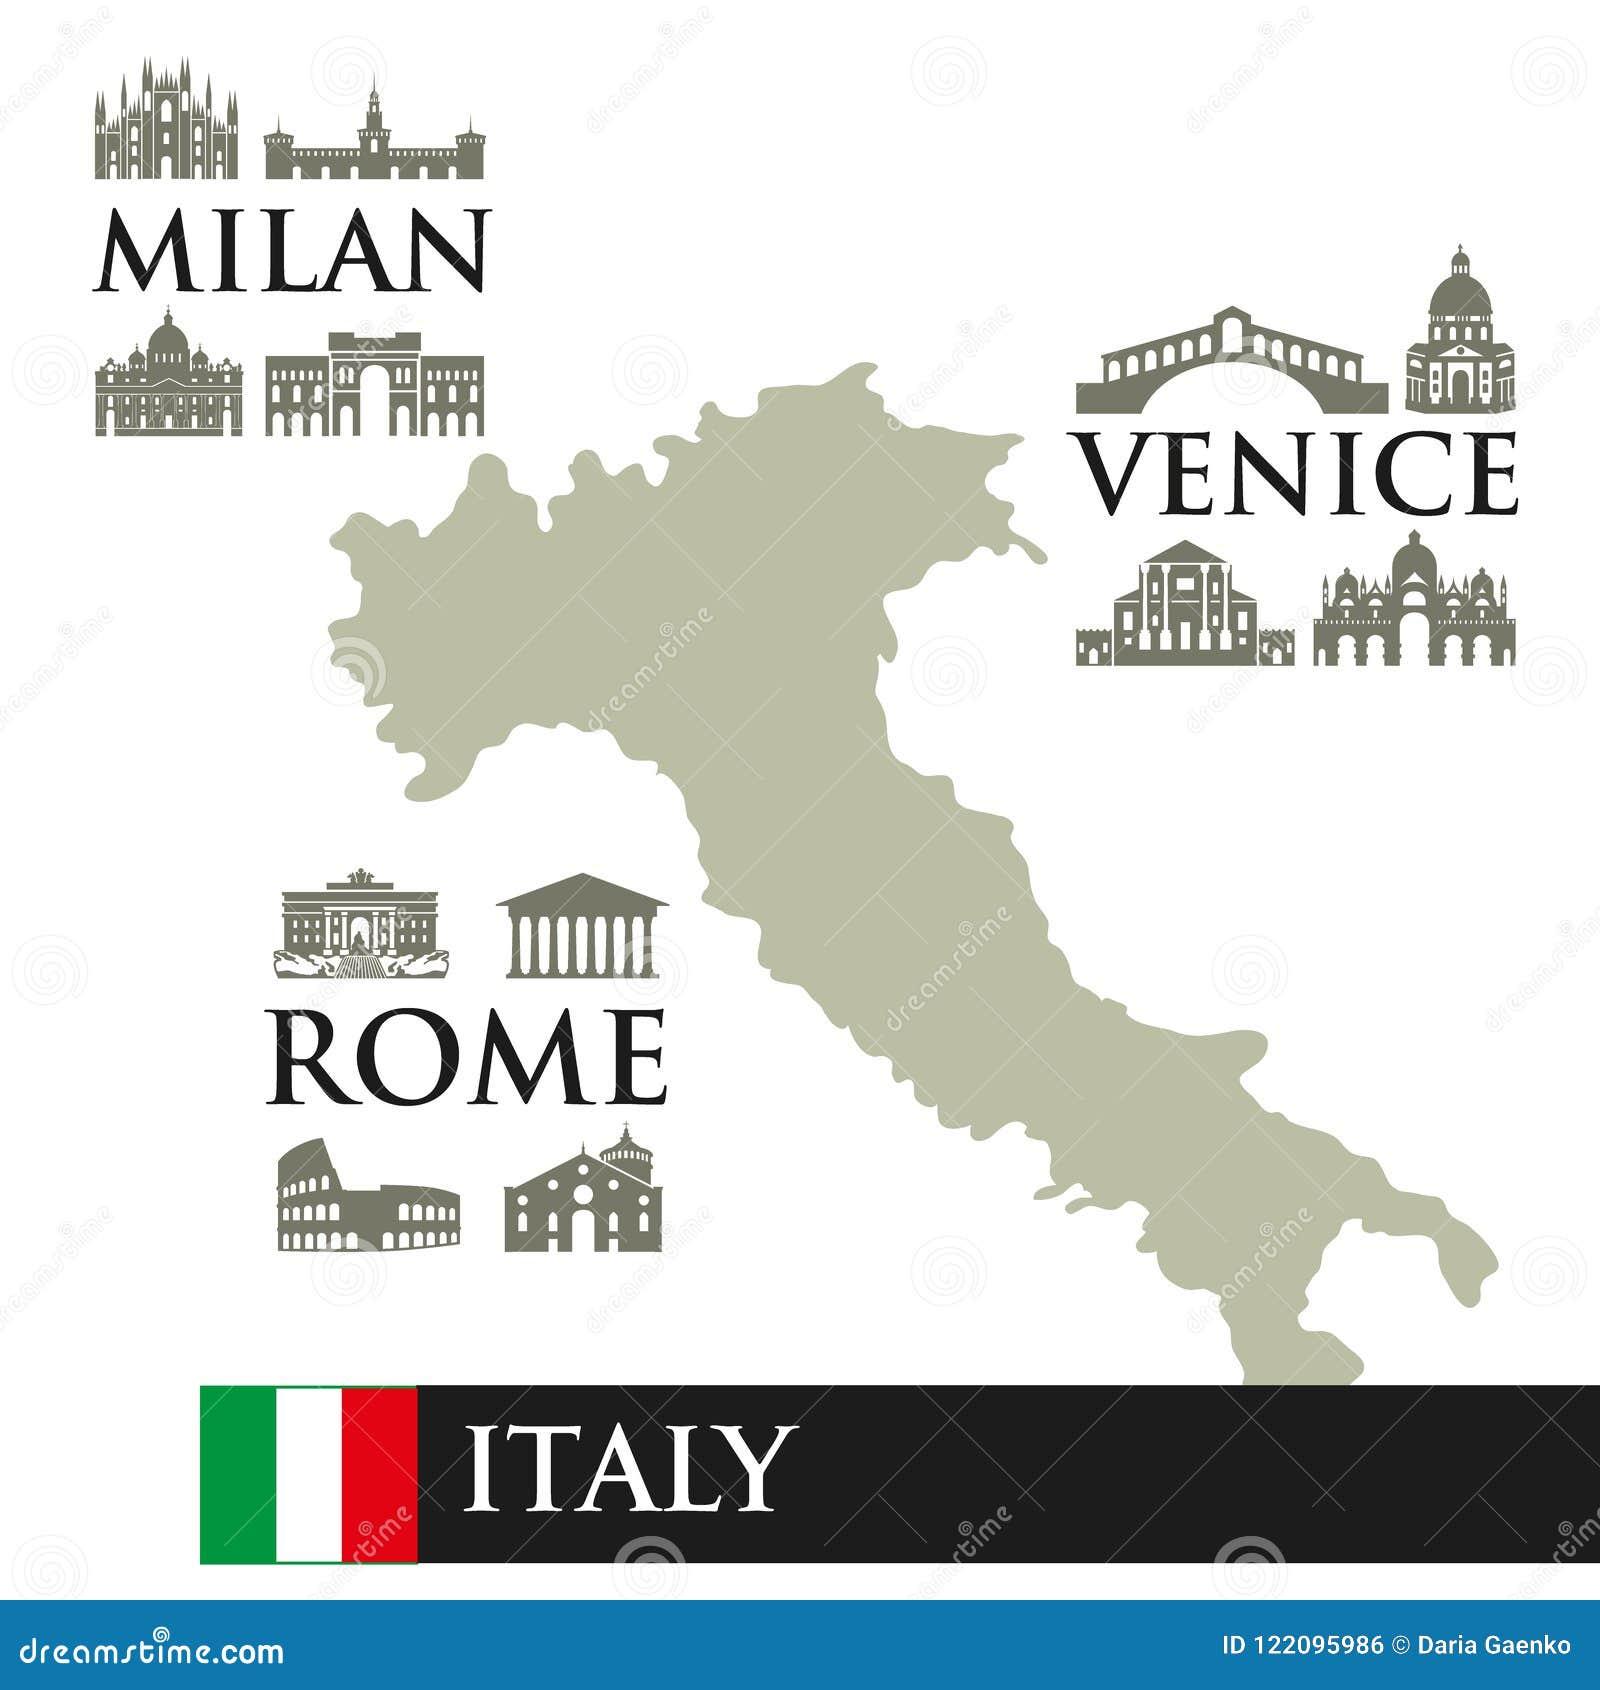 Infographic Xarths Ths Italias Perigra Symbola 8ewn Ths Polhs